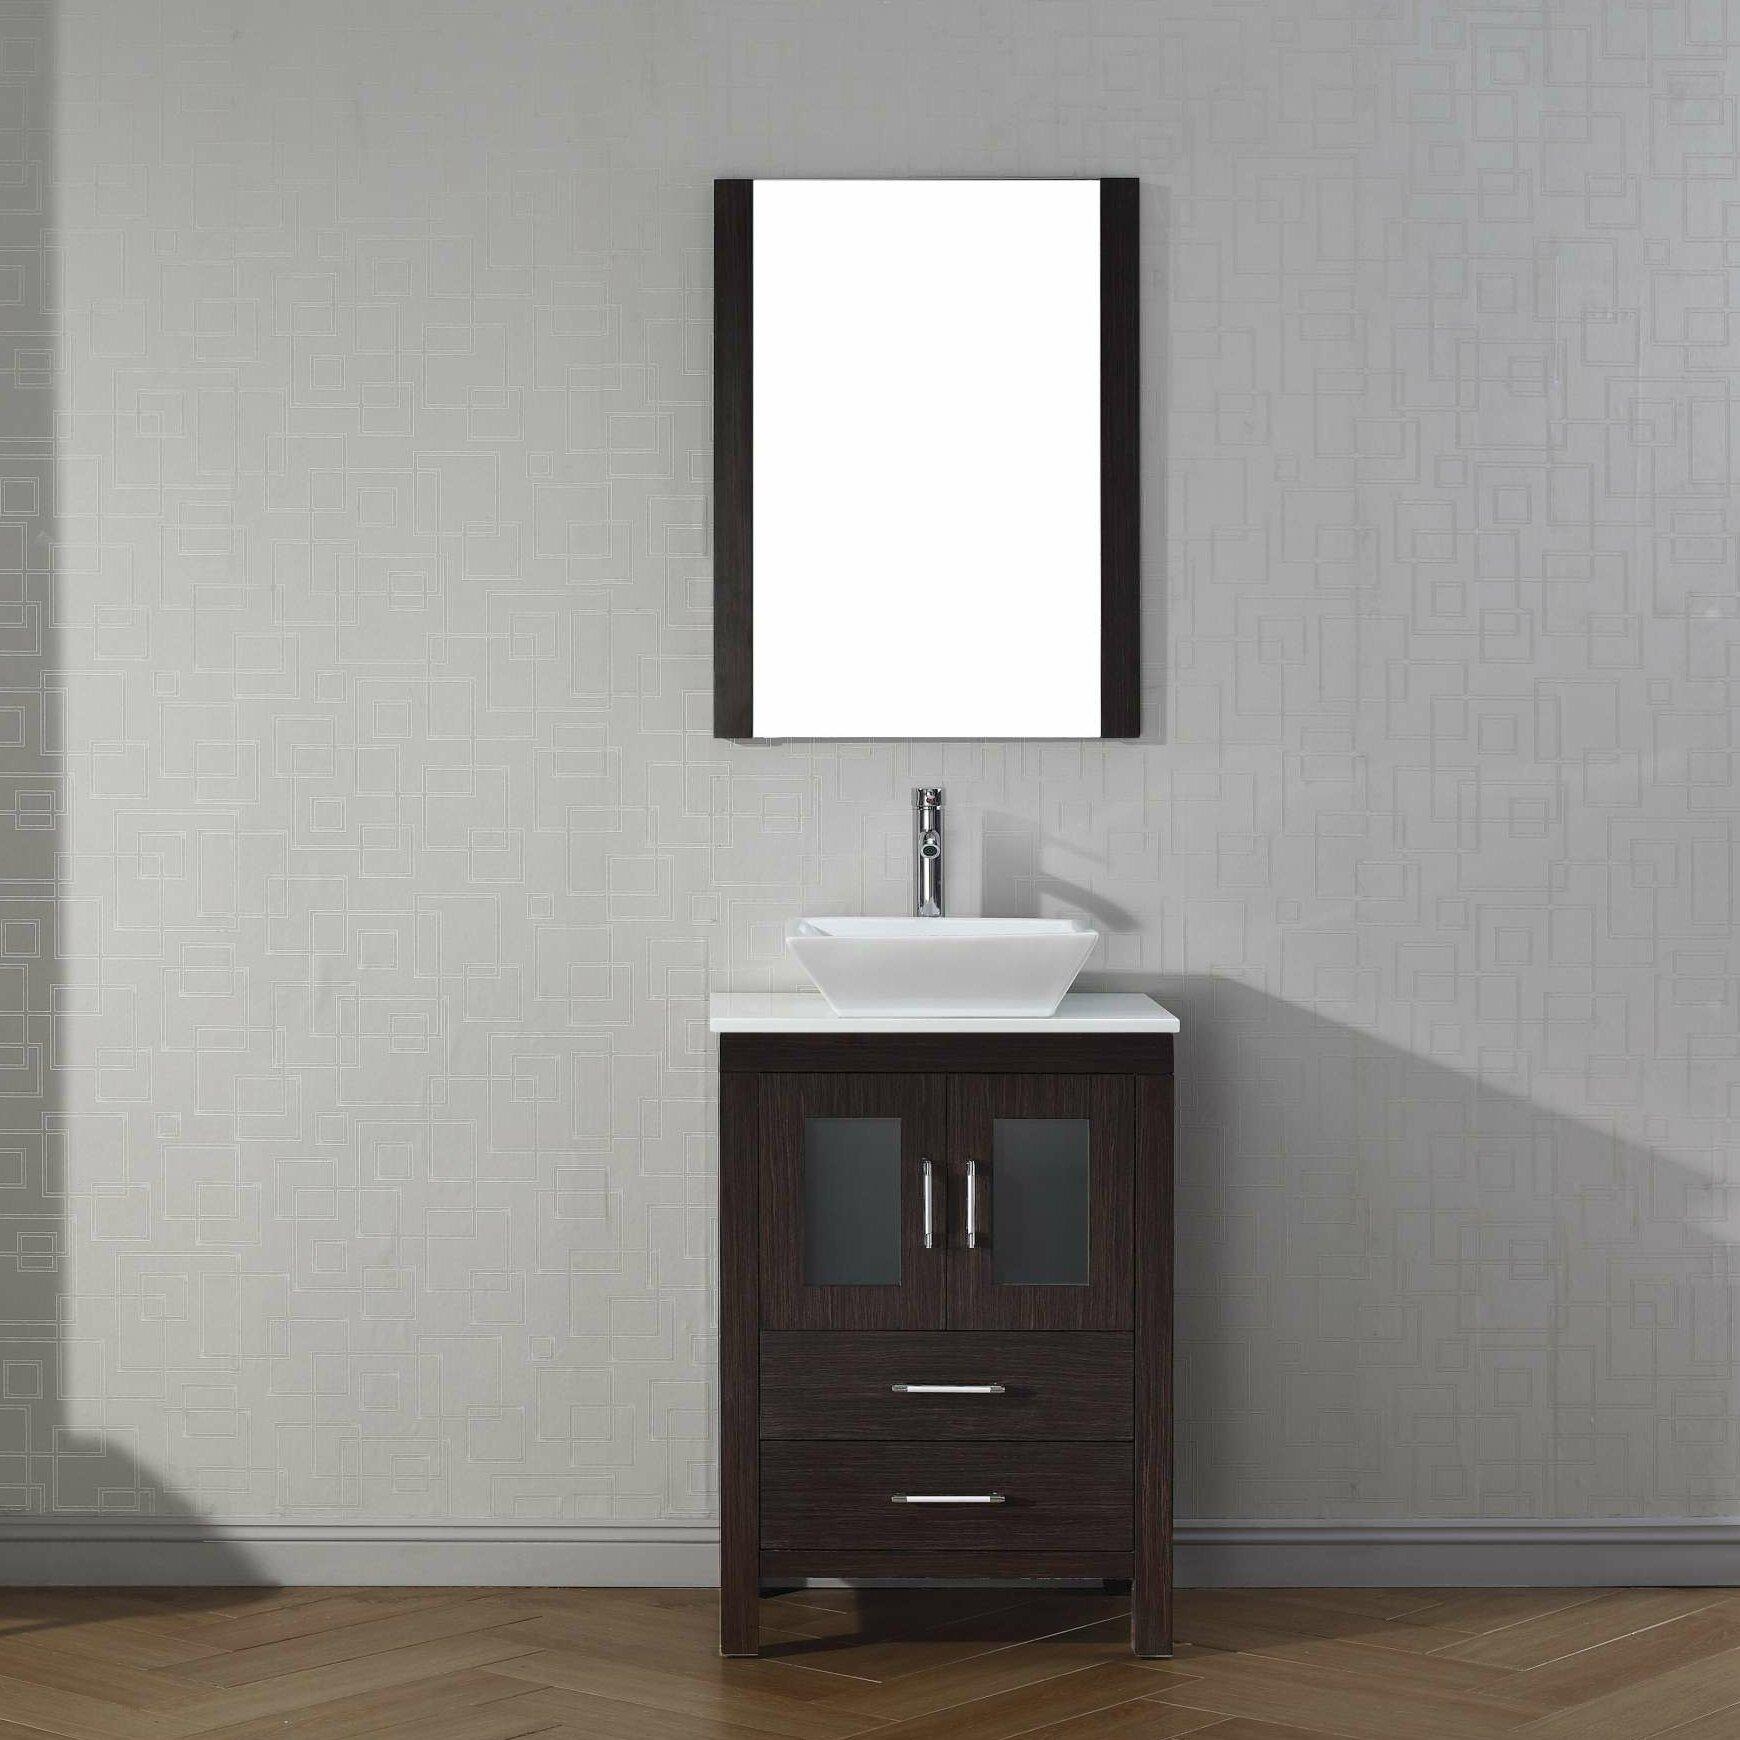 Virtu Dior 25 Single Bathroom Vanity Set With Mirror Reviews Wayfair